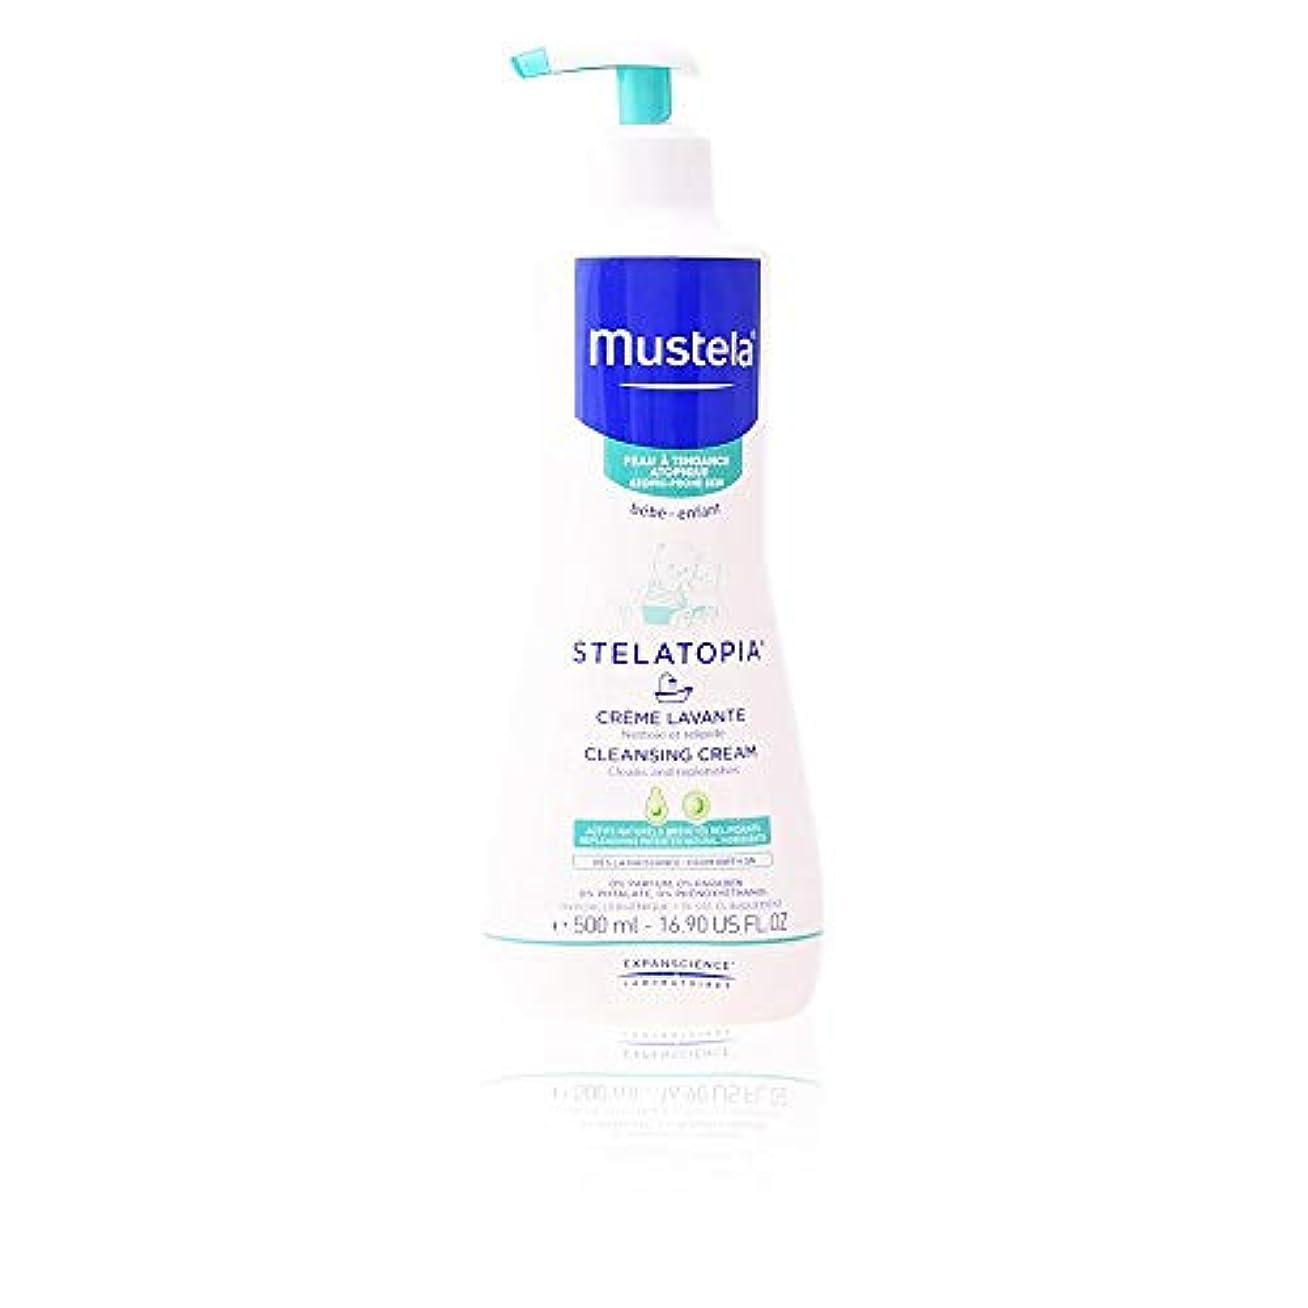 旅行者大理石見せますムステラ Stelatopia Cleansing Cream - For Atopic-Prone Skin 500ml/16.9oz並行輸入品